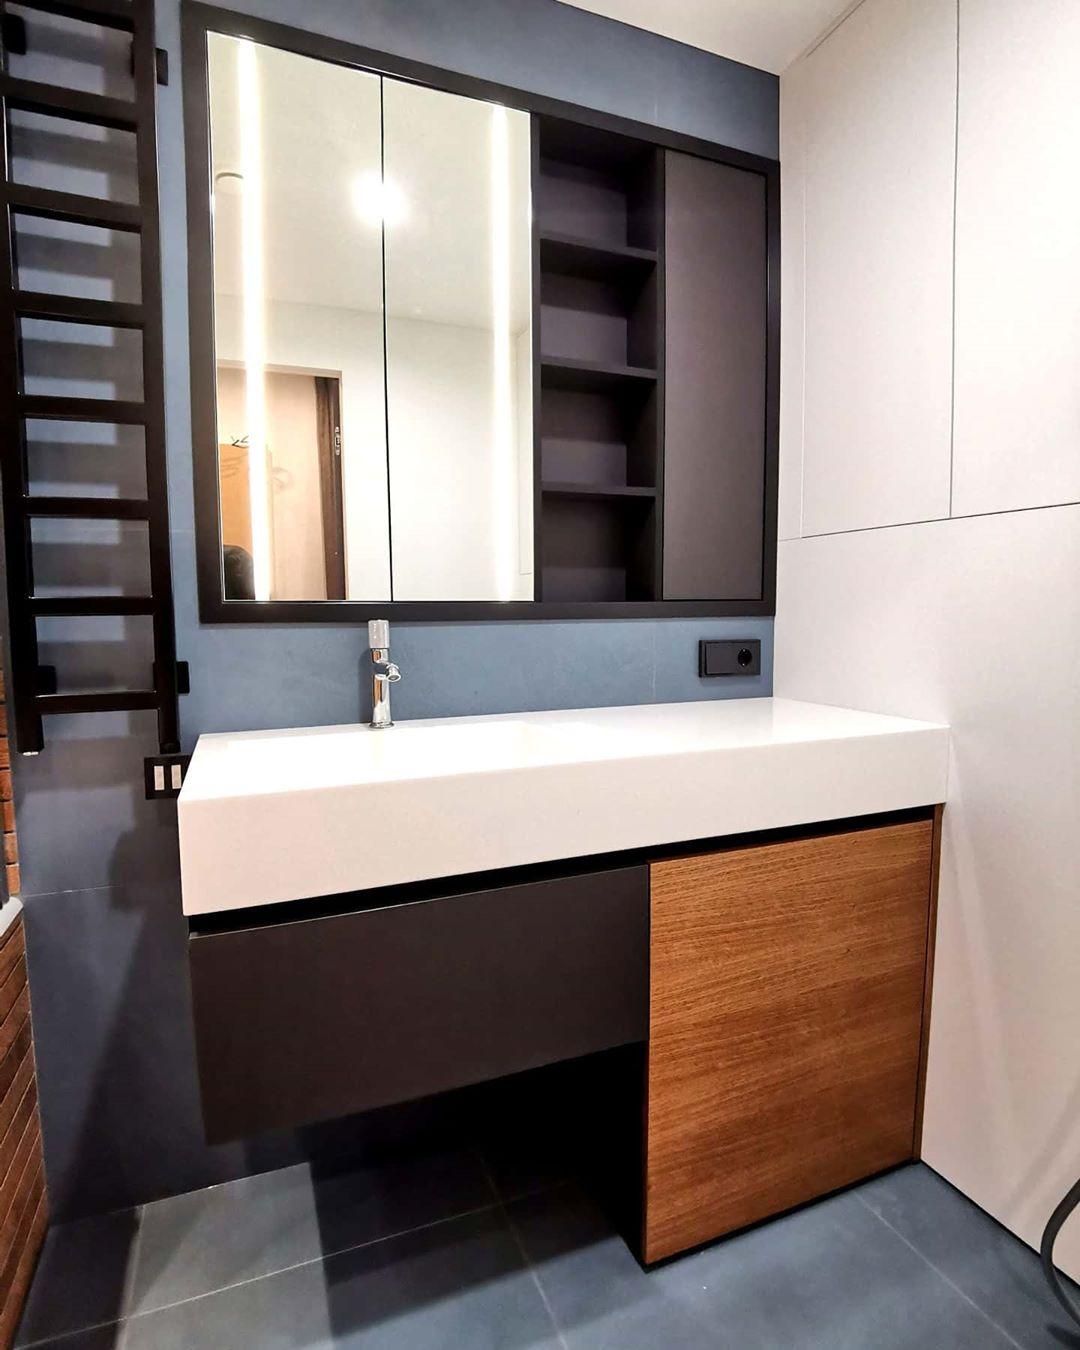 Встроенный шкафчик в ванную комнату, тумба под раковину и зашивка над инсталляцией